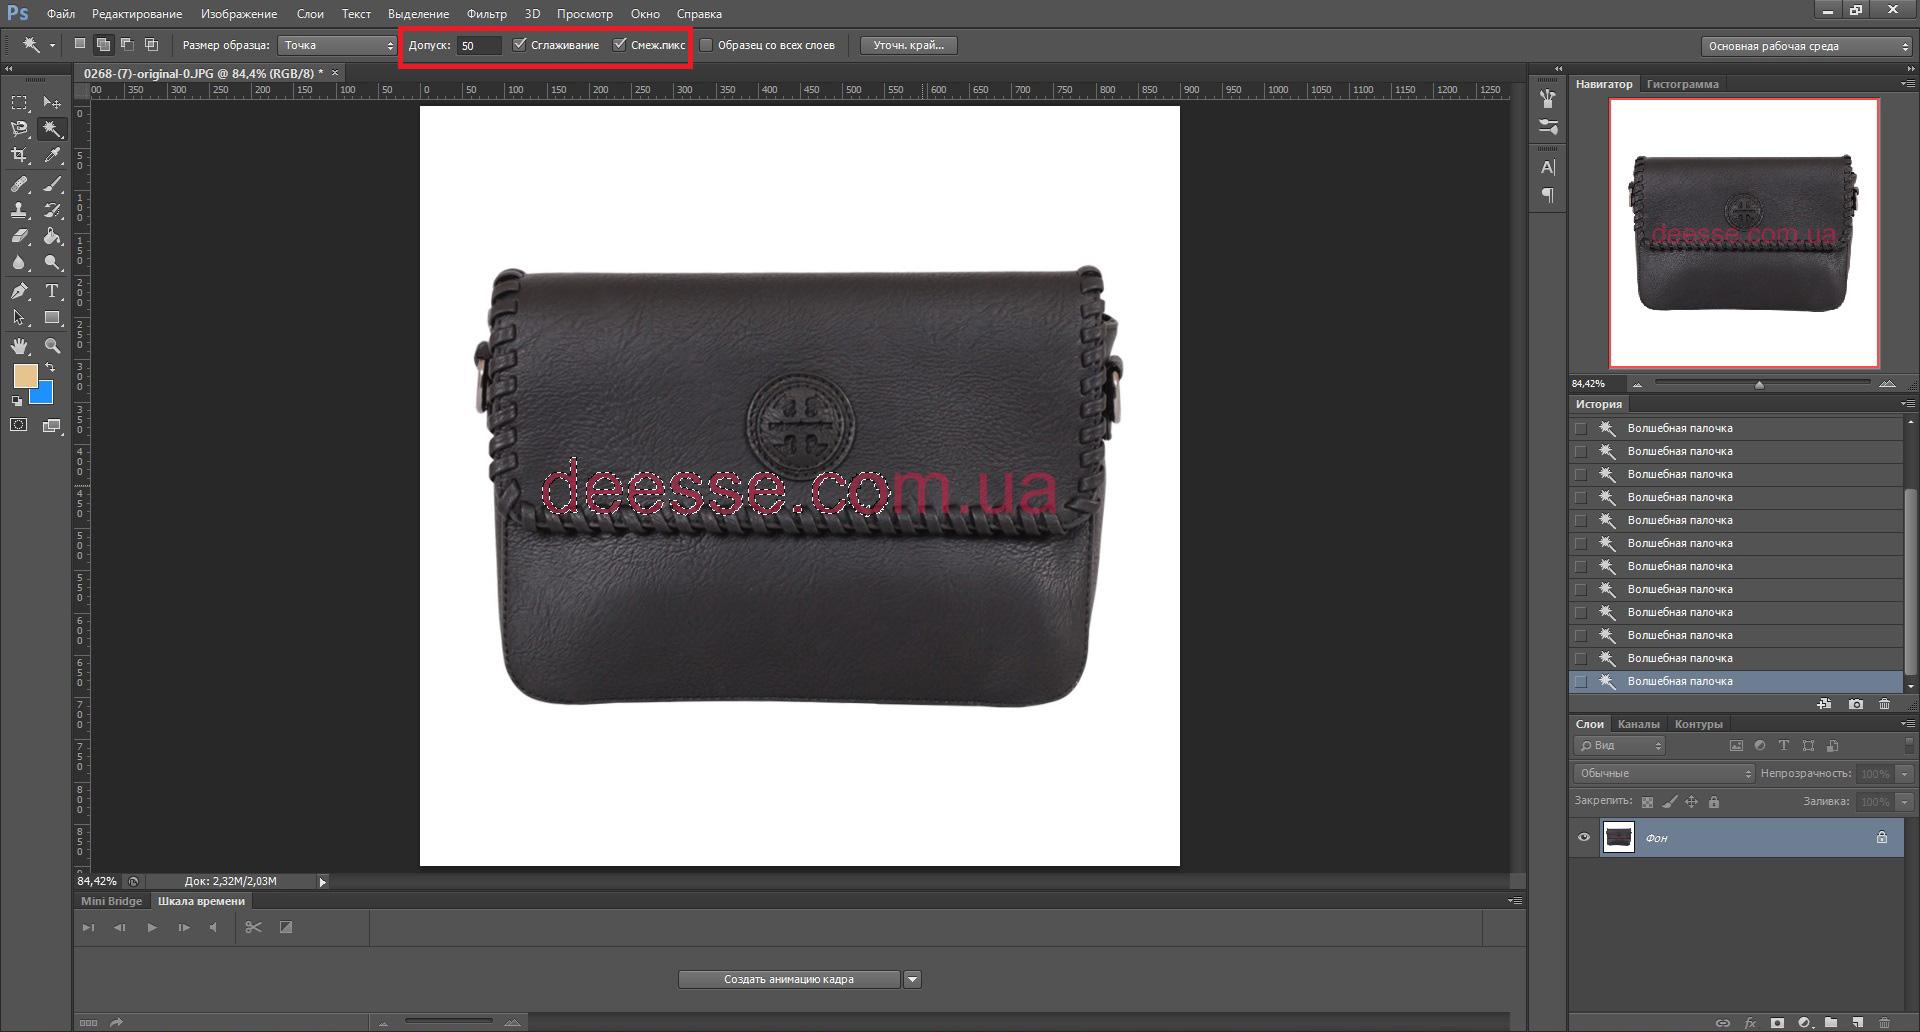 Удаление водяного знака с изображения - выбираем смежные пиксели и добавляем все через Shift